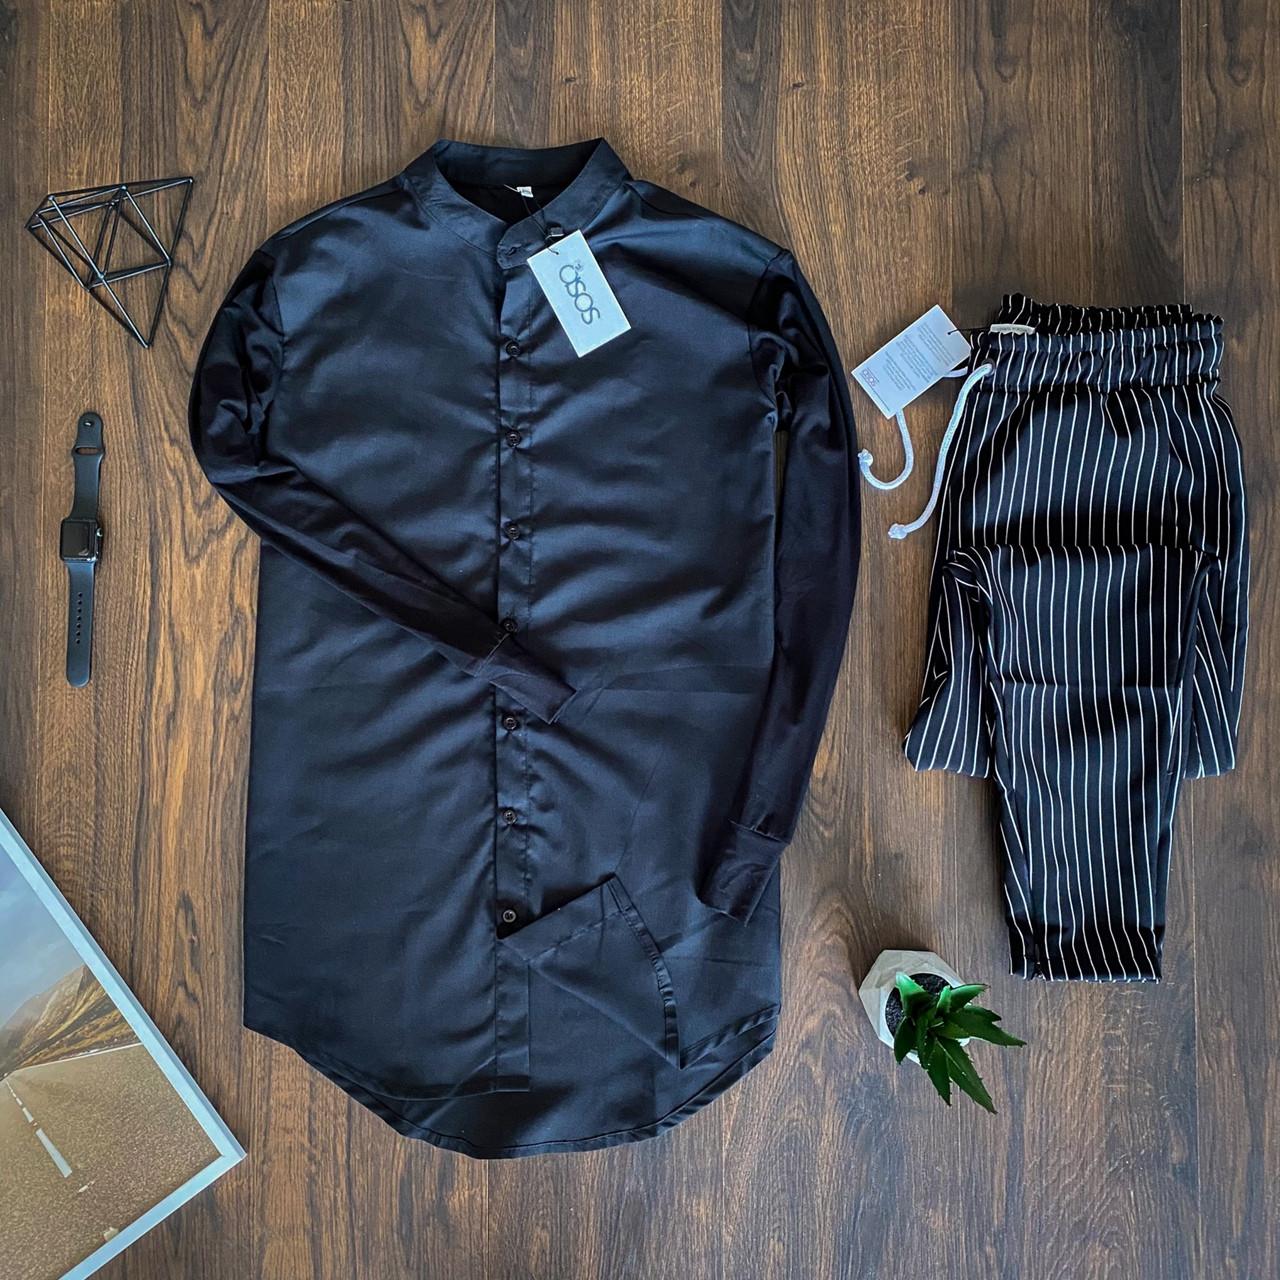 Мужской комплект Asos рубашка синяя и брюки в полоску, костюм стильный